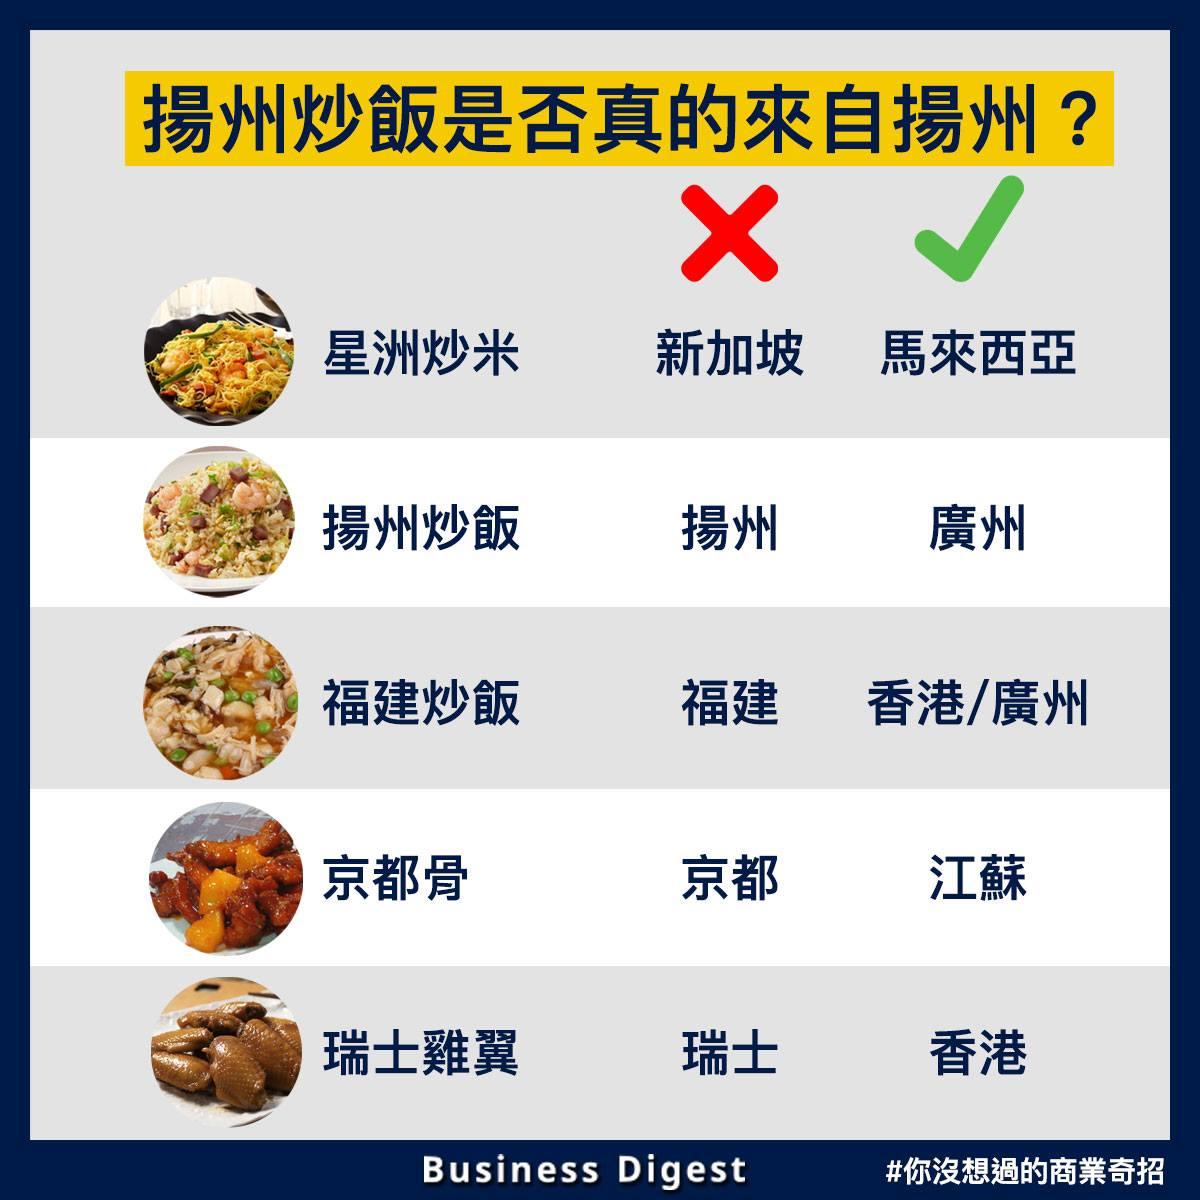 【你沒想過的商業奇招】揚州炒飯是否來自揚州?